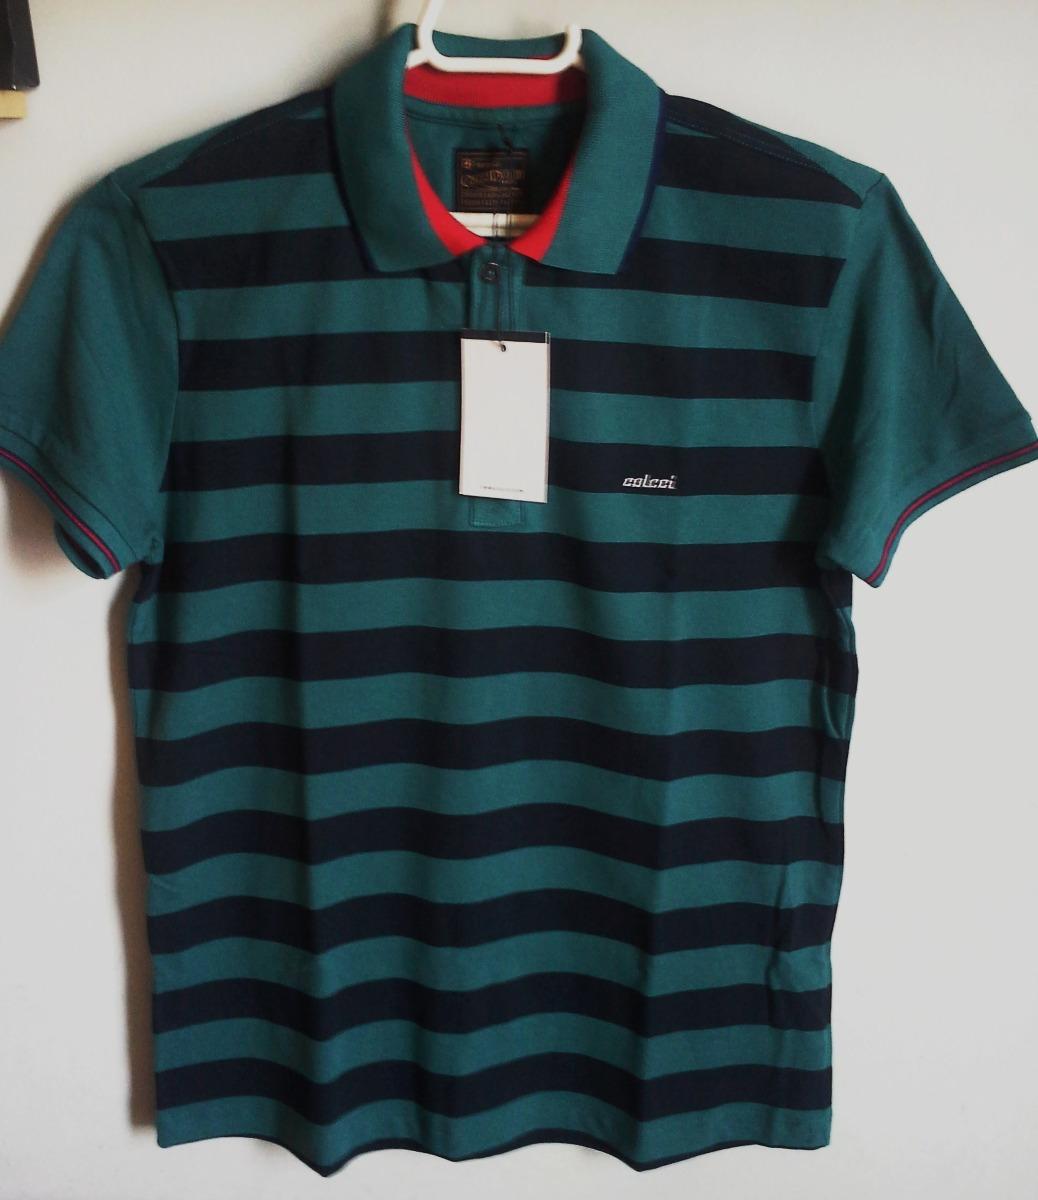 Camisa Polo Colcci Masculina Em Listras Verde Tm M   G - R  250 3e9577f3825